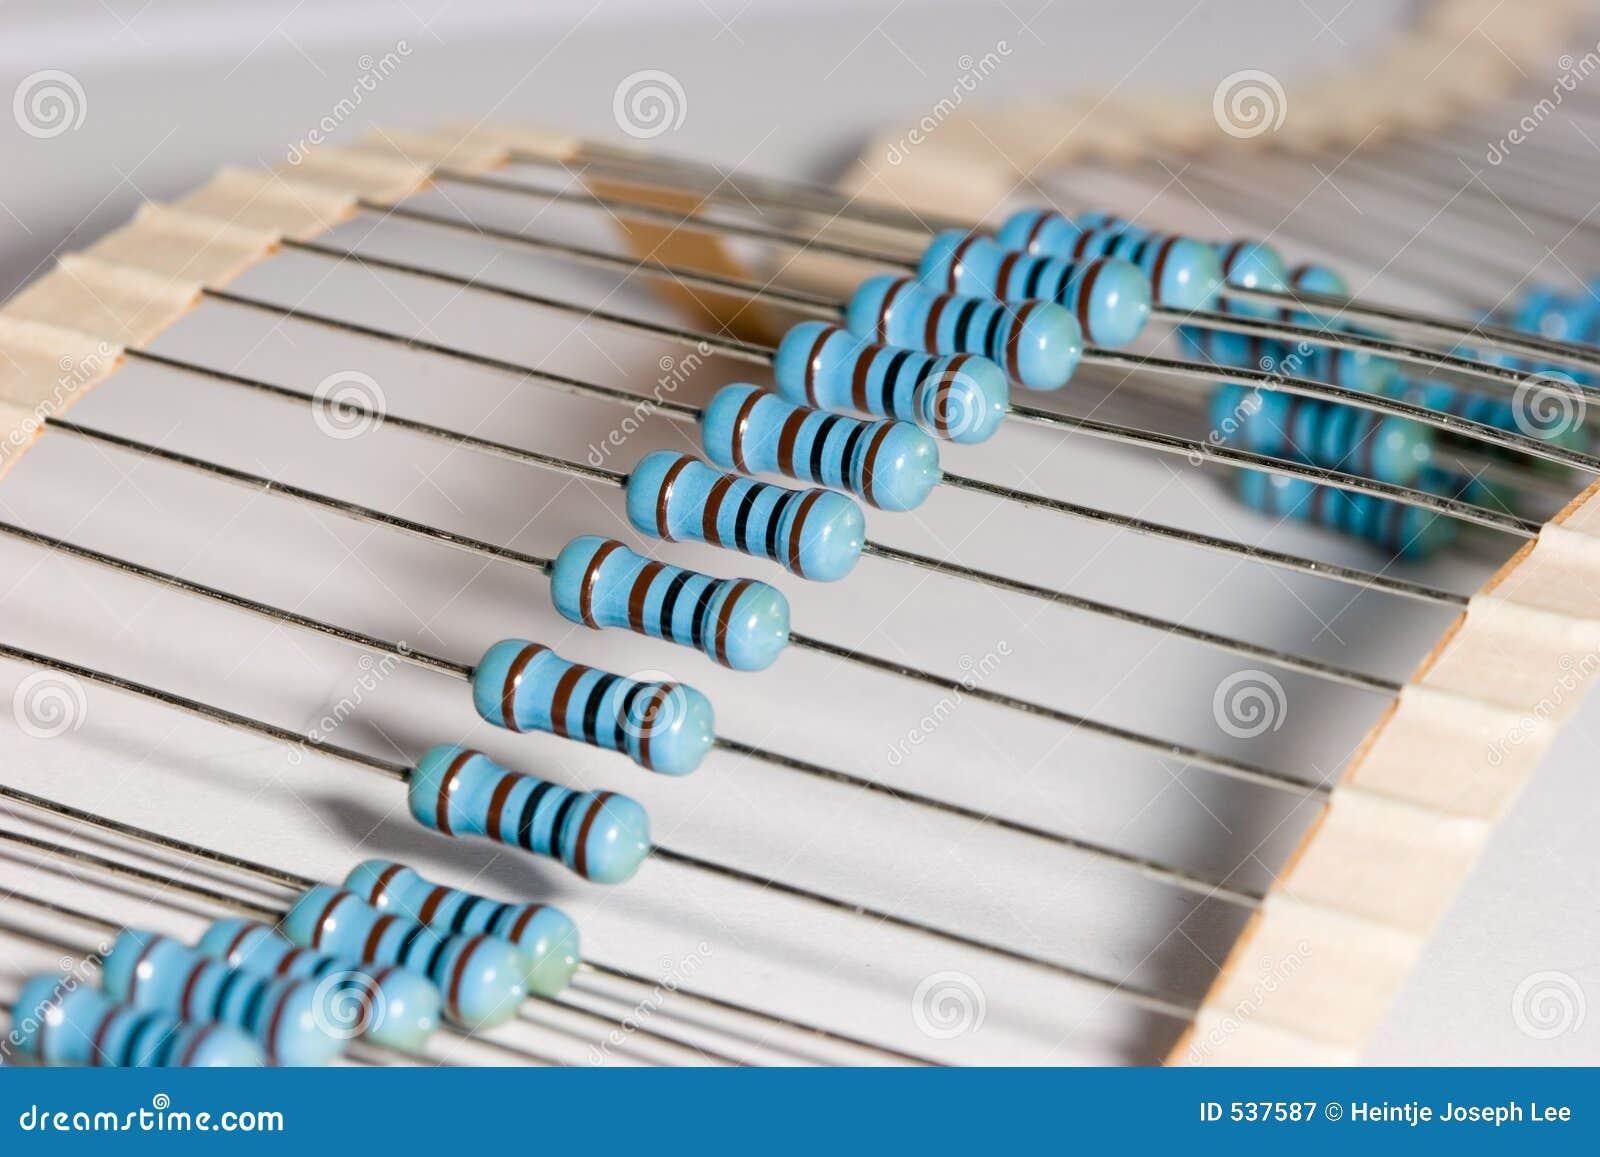 Download 电阻器 库存图片. 图片 包括有 电子, 电路, 被动, 电阻器, 半导体, 要素, 零件, 电汇, 颜色, 录制 - 537587